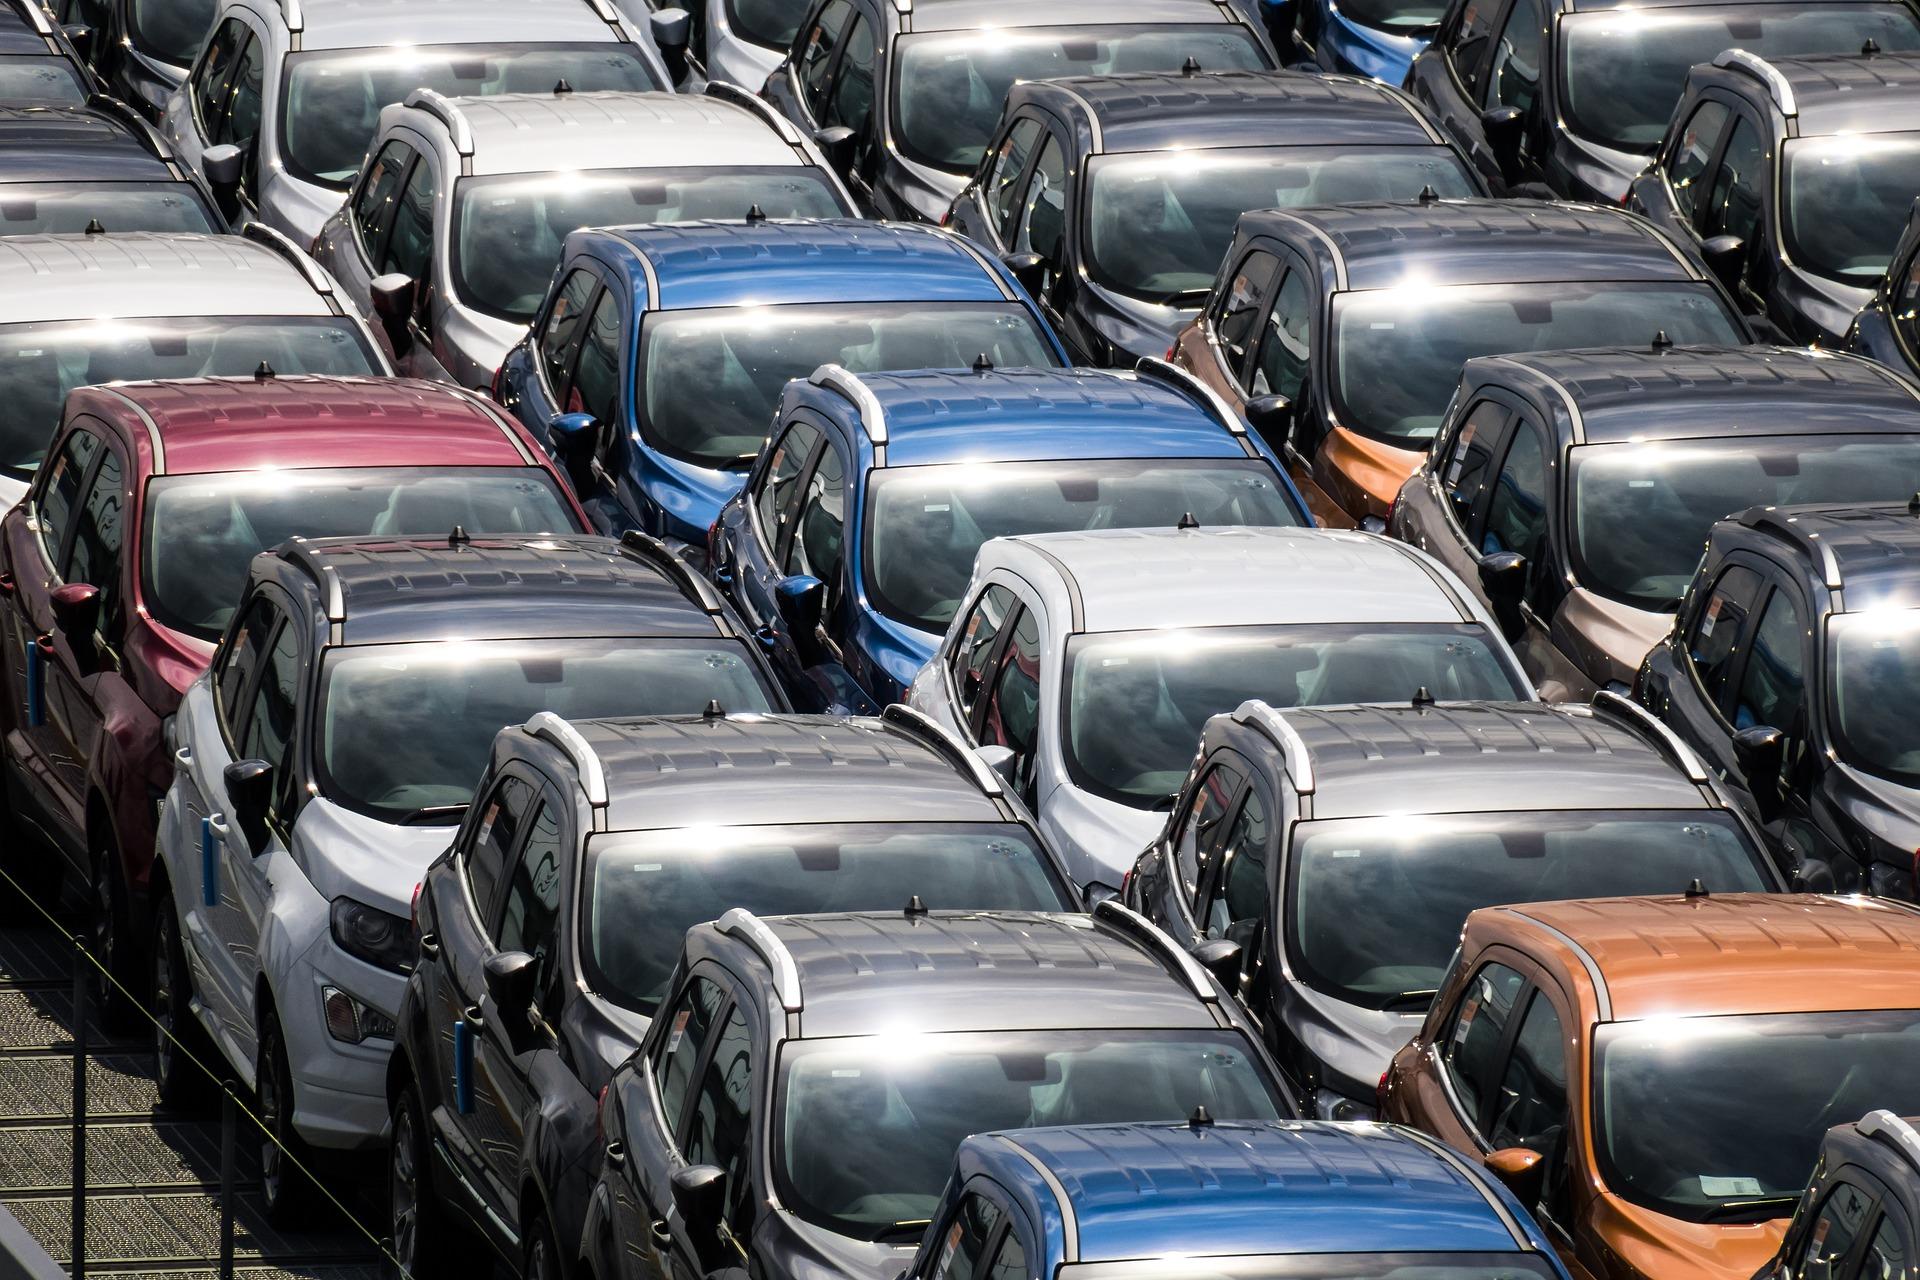 Polyamide présent dans les voitures